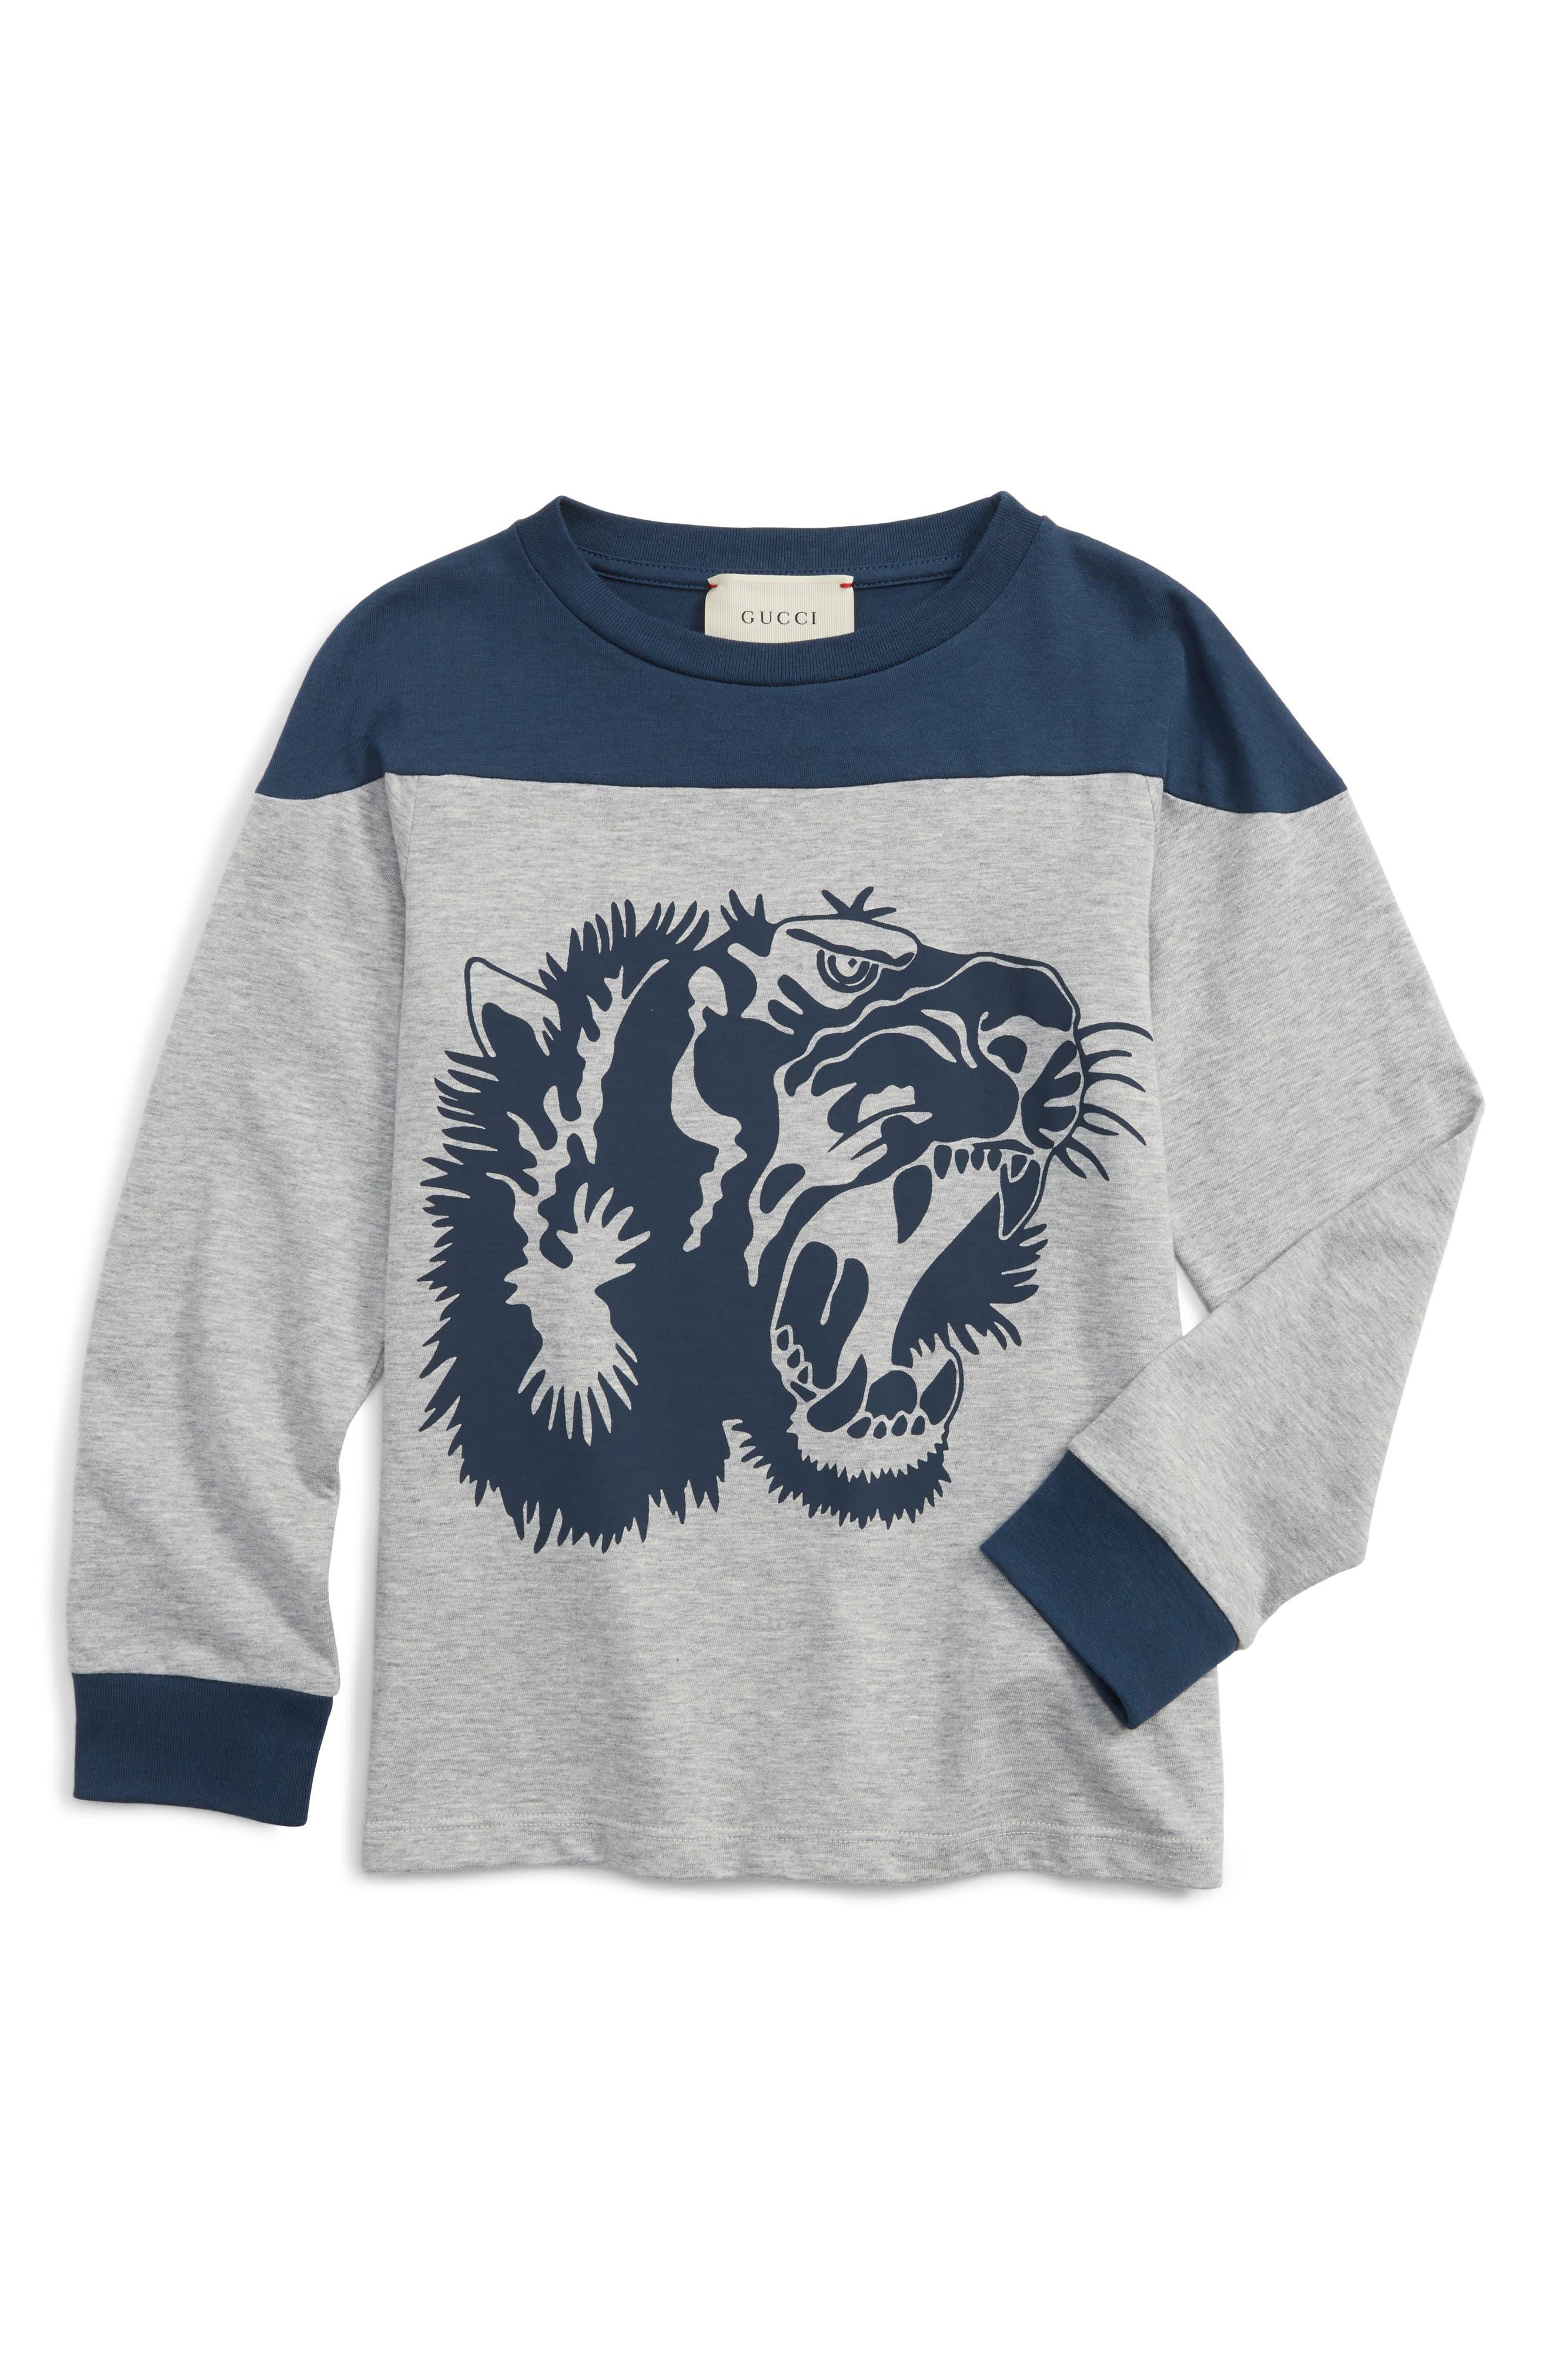 L'Aveugle Par Amour Graphic Sweatshirt,                             Main thumbnail 1, color,                             Grey Multi